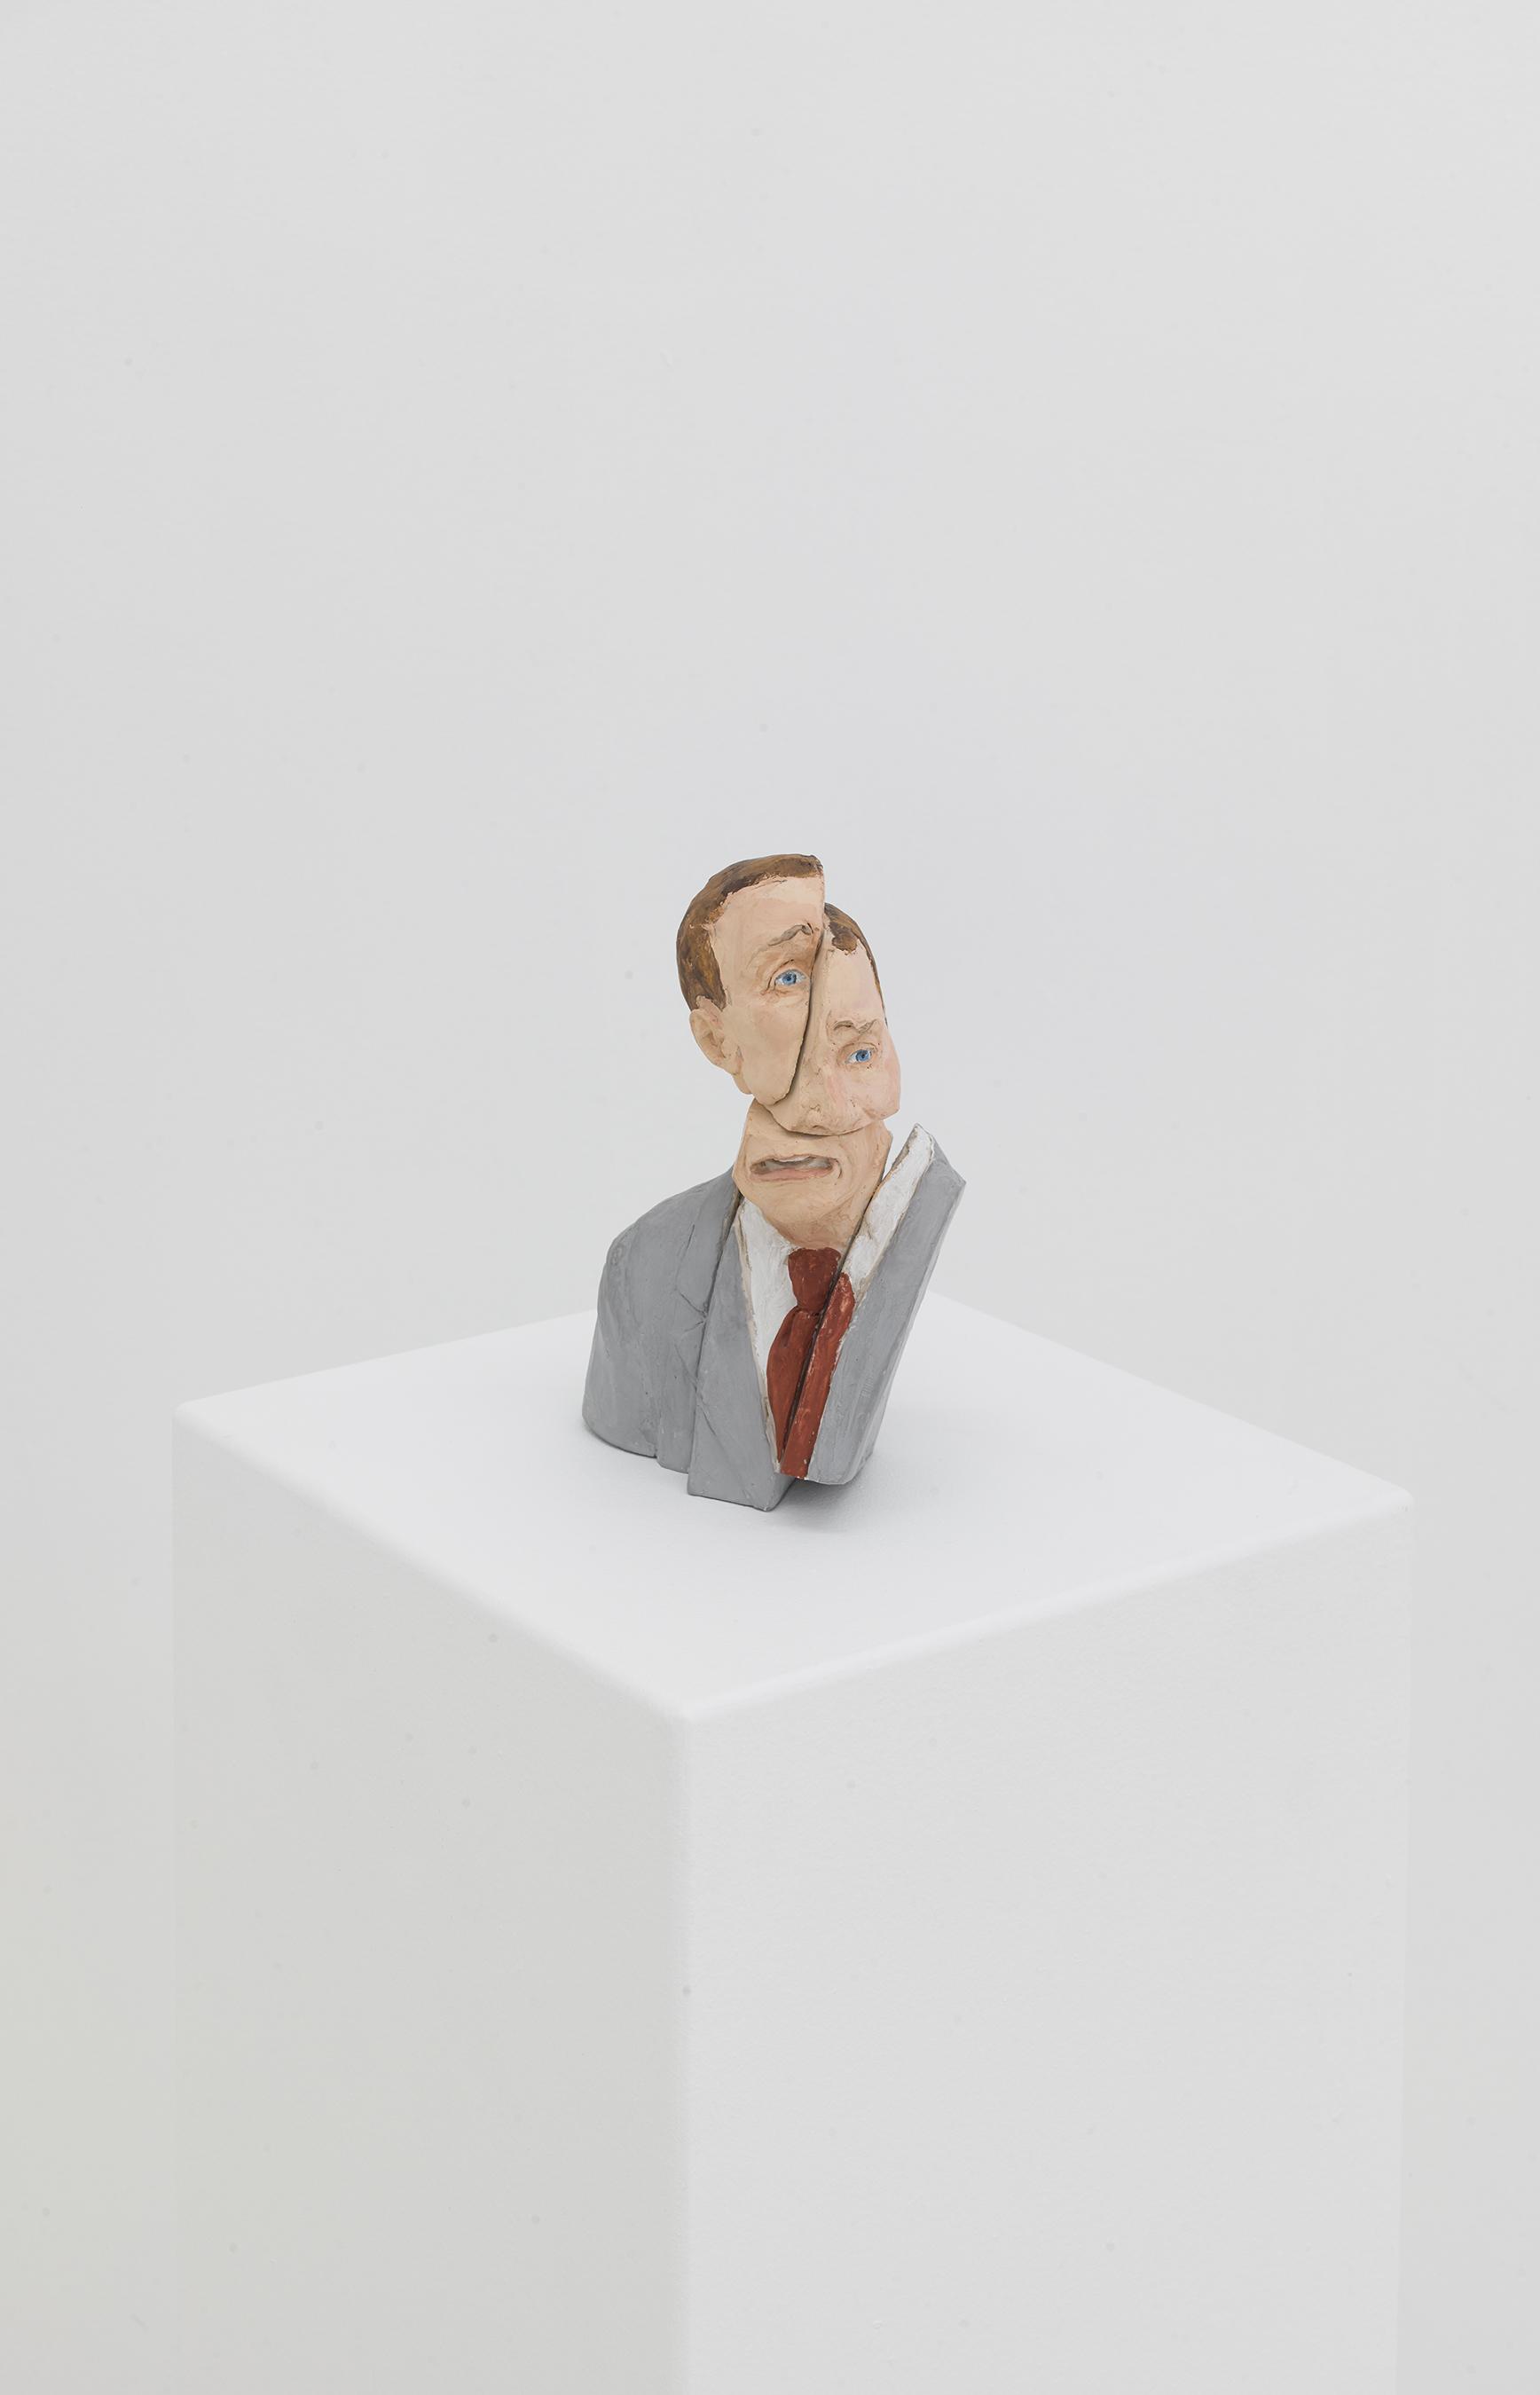 Cynthia Eardley,  Broken Man , 2010, Aqua-resin, casein 8 × 5 × 4 1/2 inches